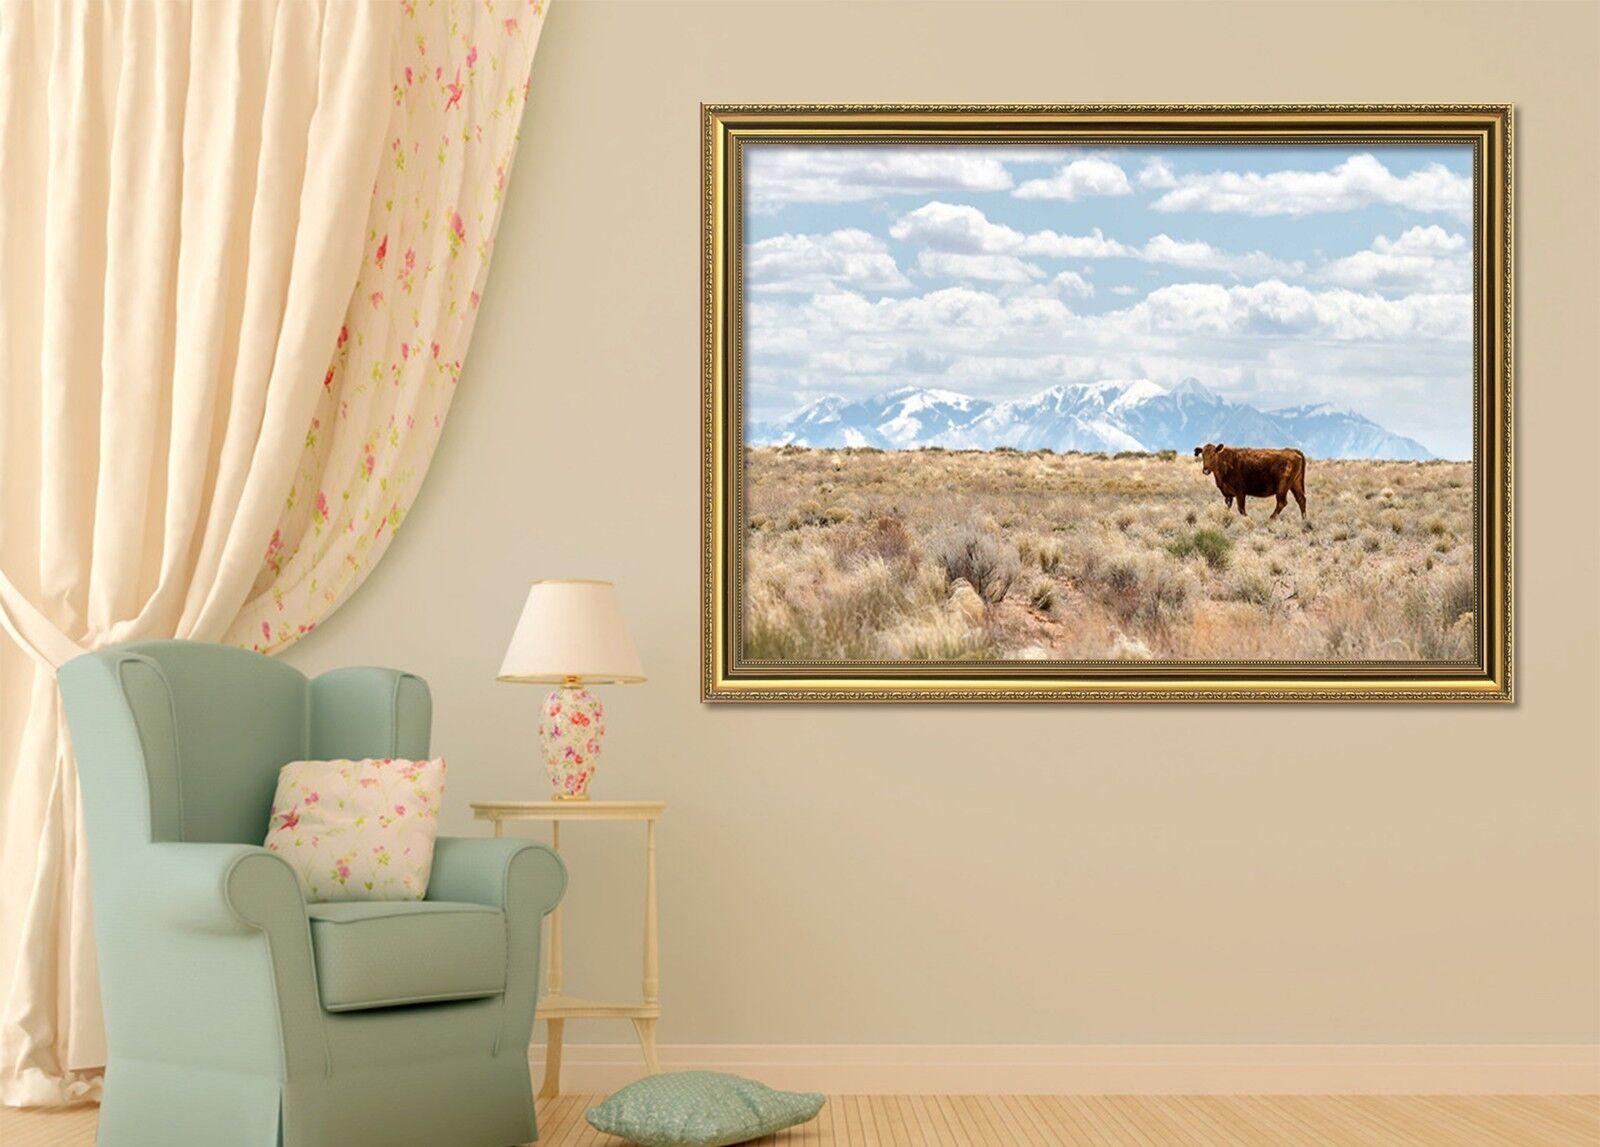 Cartel enmarcado 3D hierba ganado 51 De Decoración del Hogar Pintura de Impresión Arte AJ Wallpaper